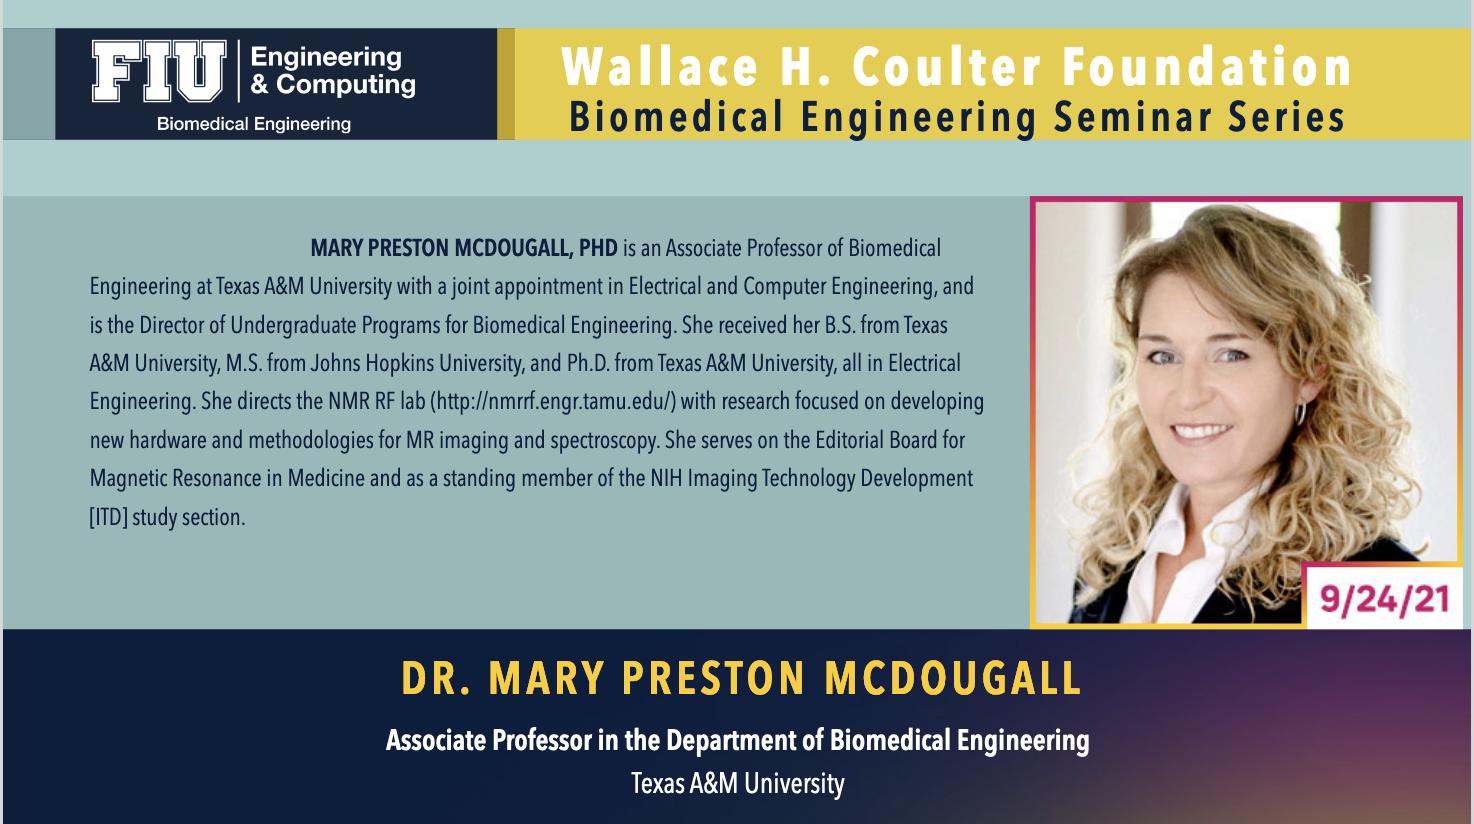 Dr. Mary Preston McDougall